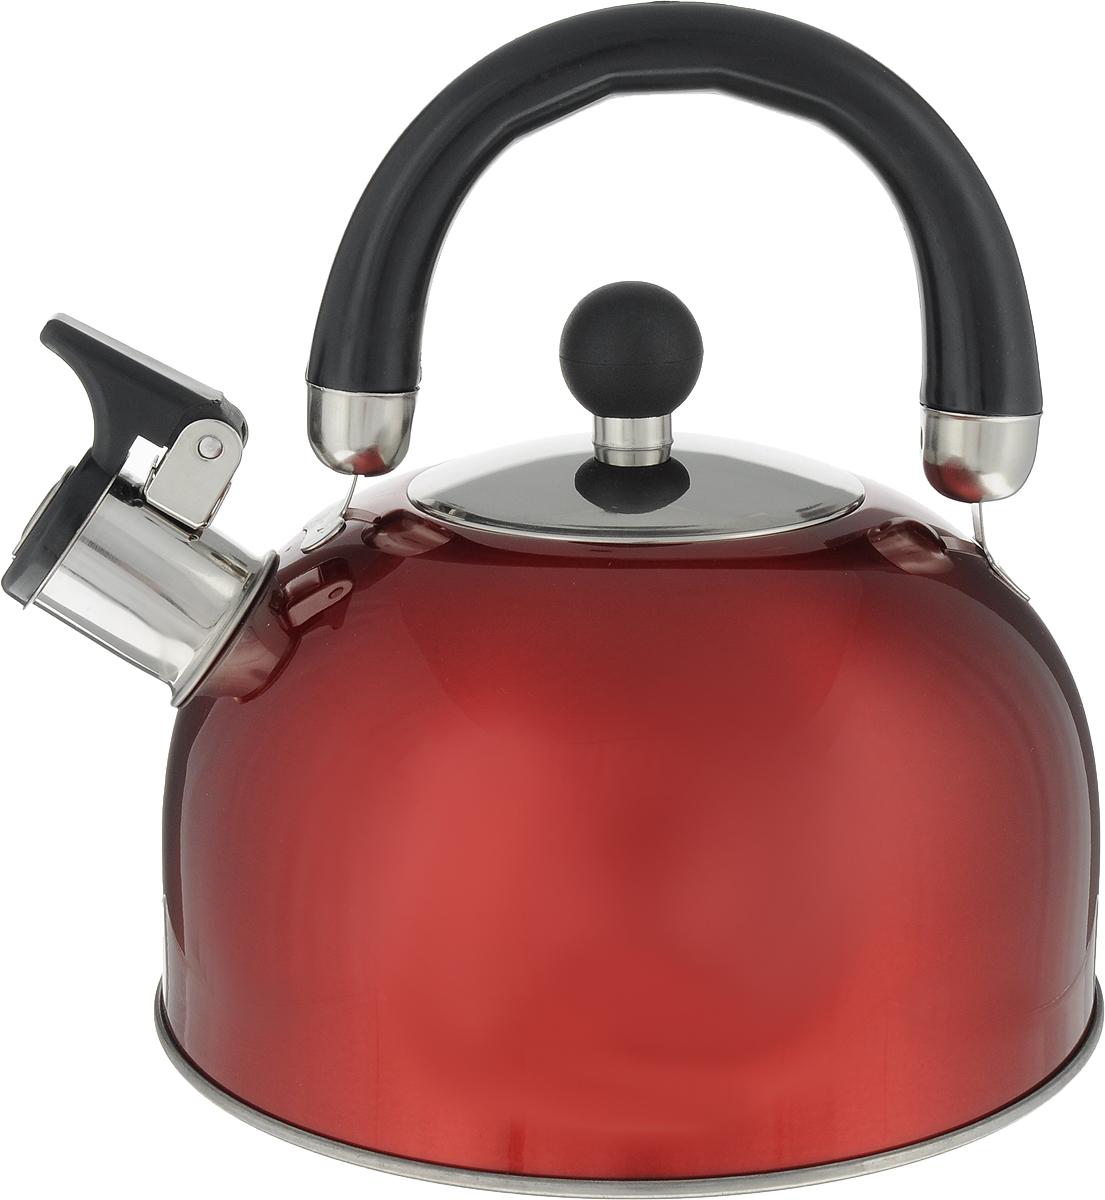 Чайник Teco, со свистком, цвет: красный, 2,8 л. TC-117TC-117Чайник TECO 2,8 л, Материал: нержавеющая сталь